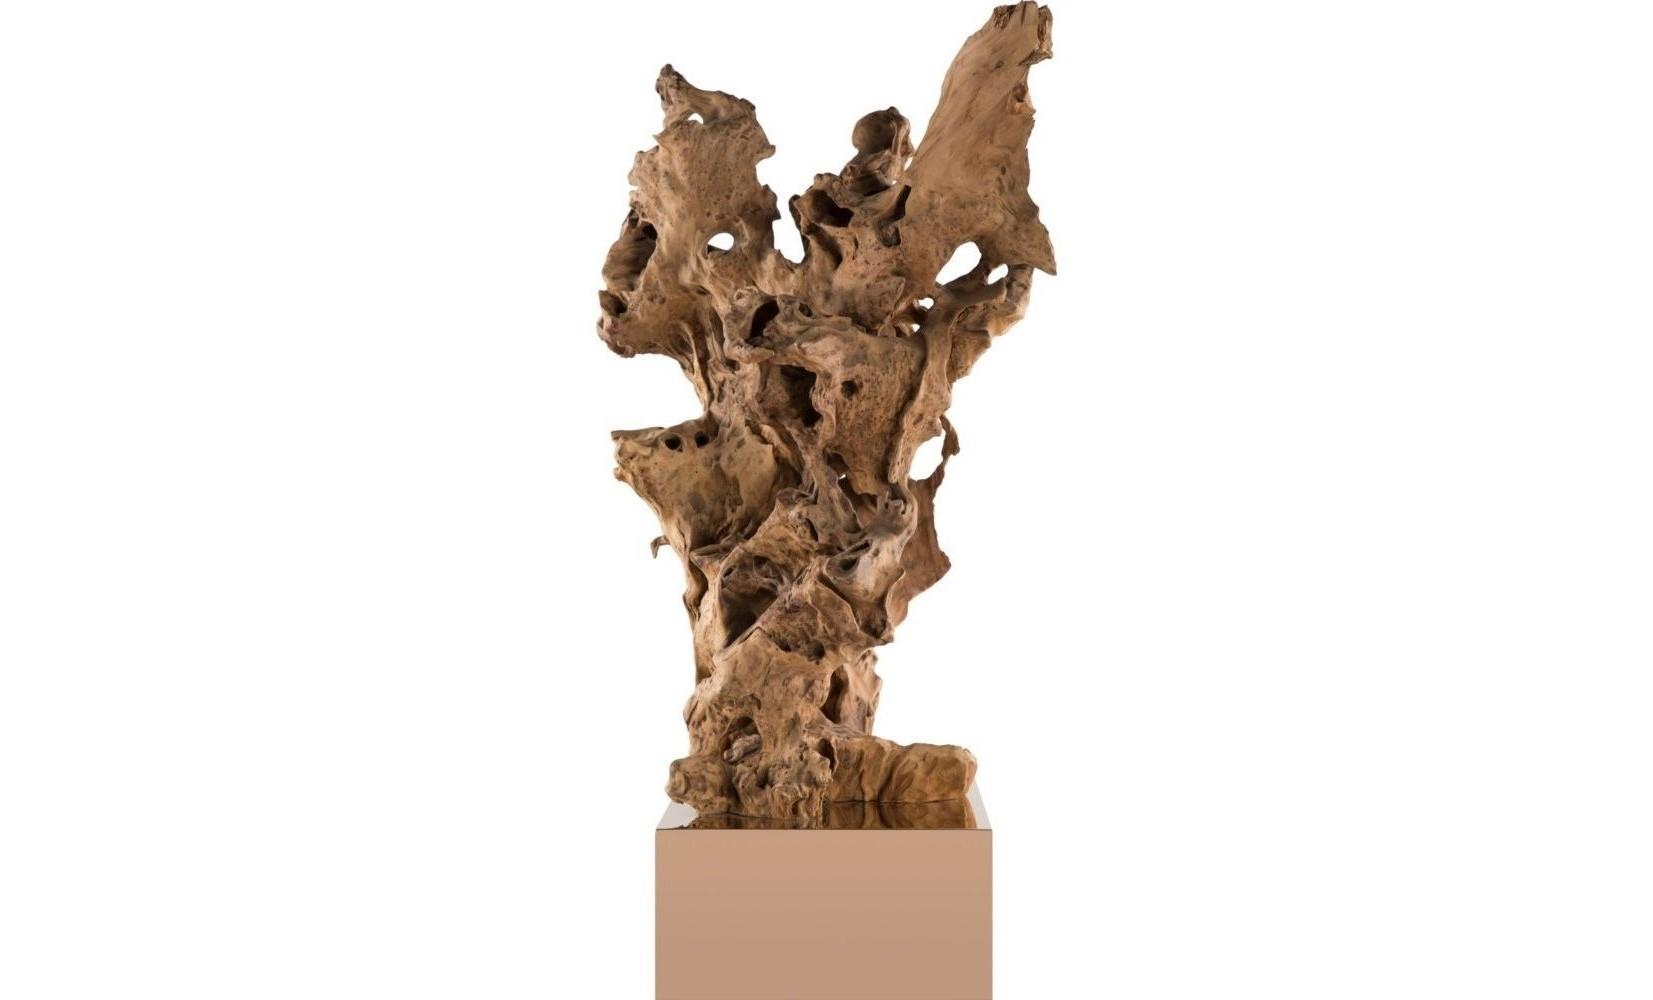 Декор BurlwoodДругое<br>Такой декор наполнит запахом древнего леса друидов даже ледяные формы хай-тека и минимализма. Поставьте Burlwood на видное место гостиной и, помимо аутентичной красоты, Вы получите возможность изучать ассоциативное мышление своих гостей.Материал и отделка: дерево, металл.<br><br>kit: None<br>gender: None